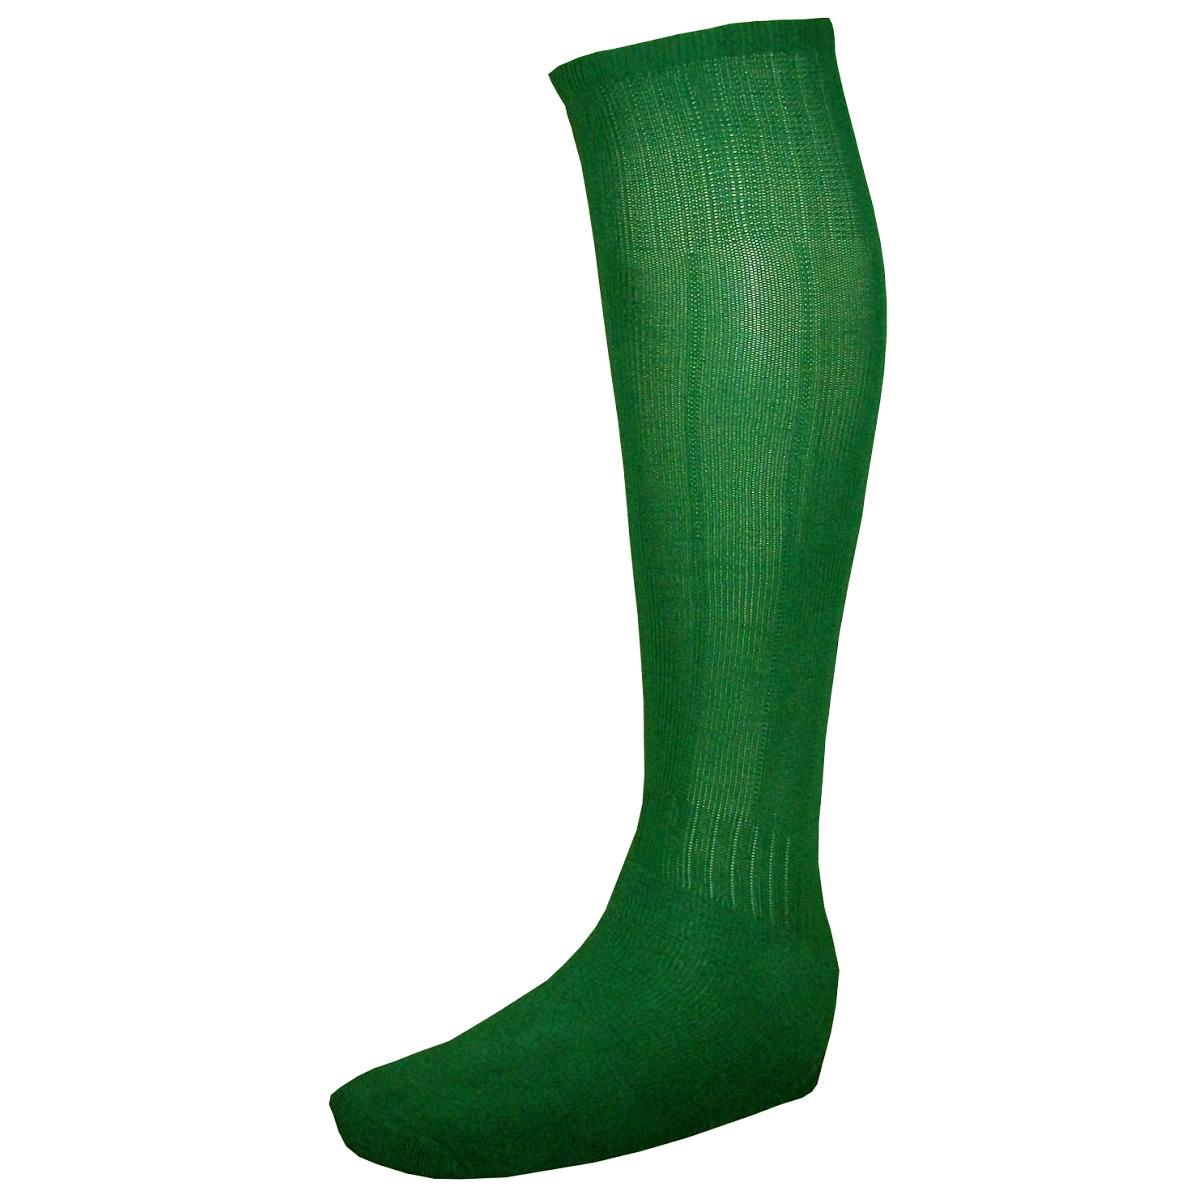 Uniforme Esportivo Completo modelo Palermo 14+1 (14 camisas Amarelo/Verde + 14 calções Madrid Verde + 14 pares de meiões Verdes + 1 conjunto de goleiro) + Brindes